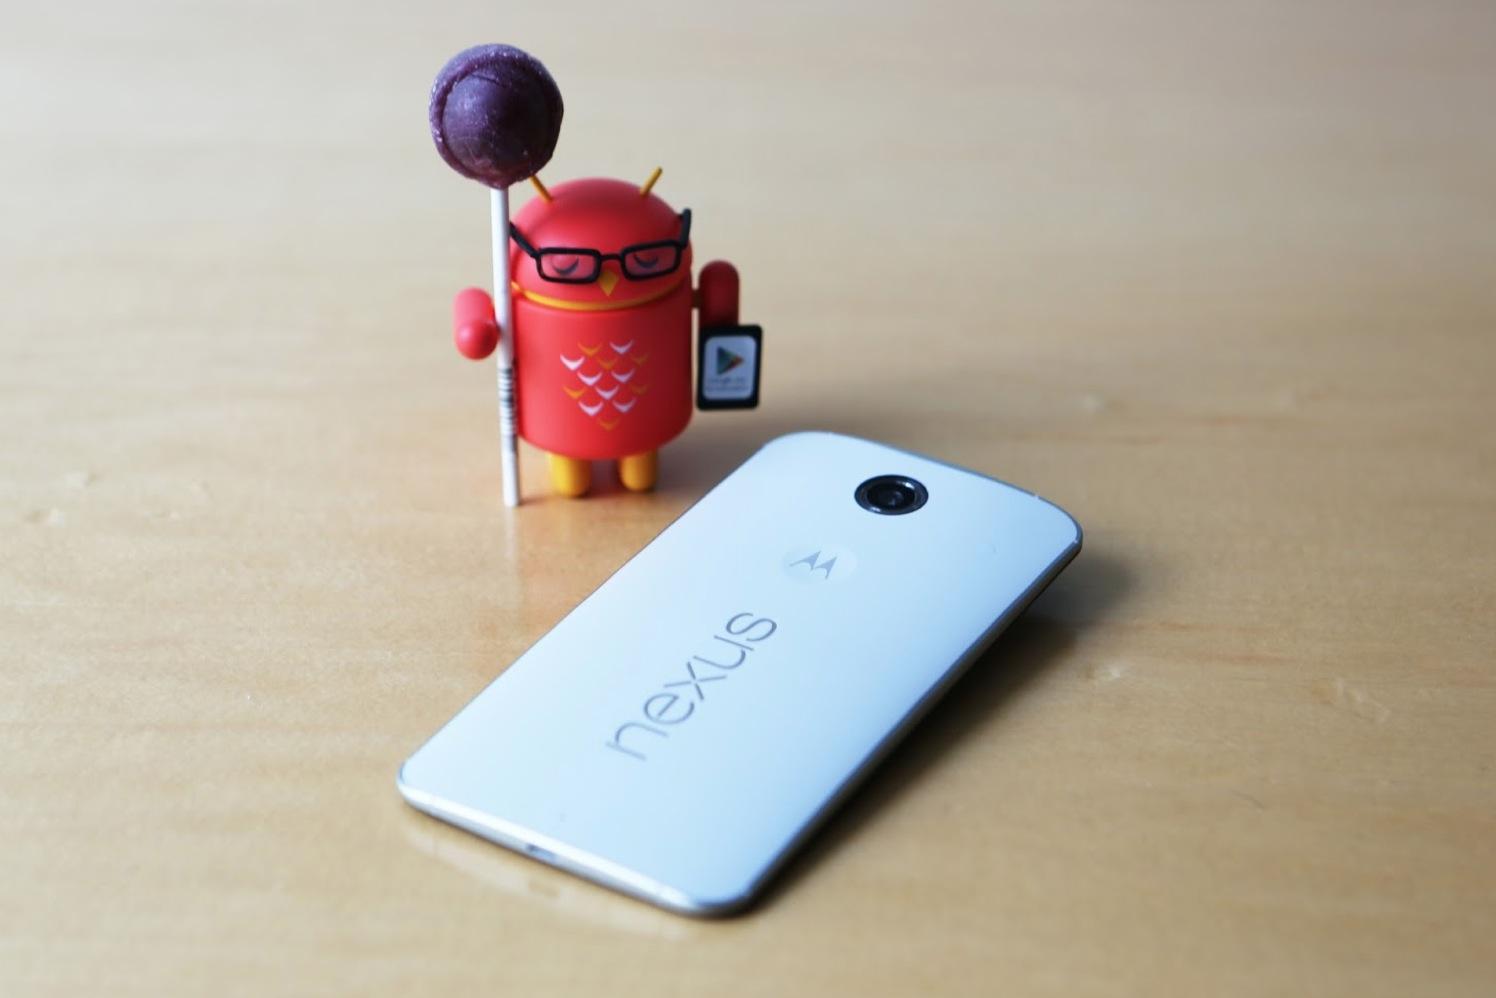 Le funzionalità di Android 5.0 Lollipop